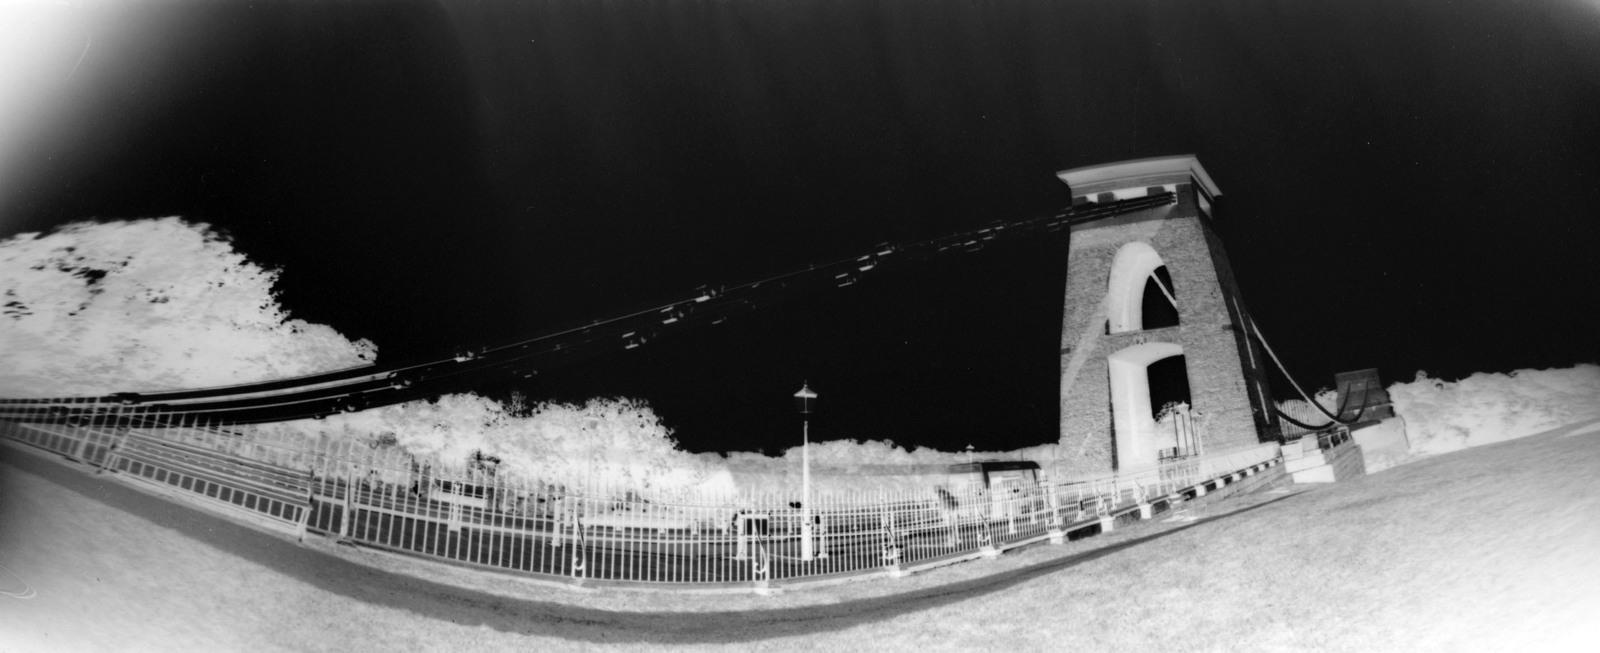 1. Clifton Suspension Bridge